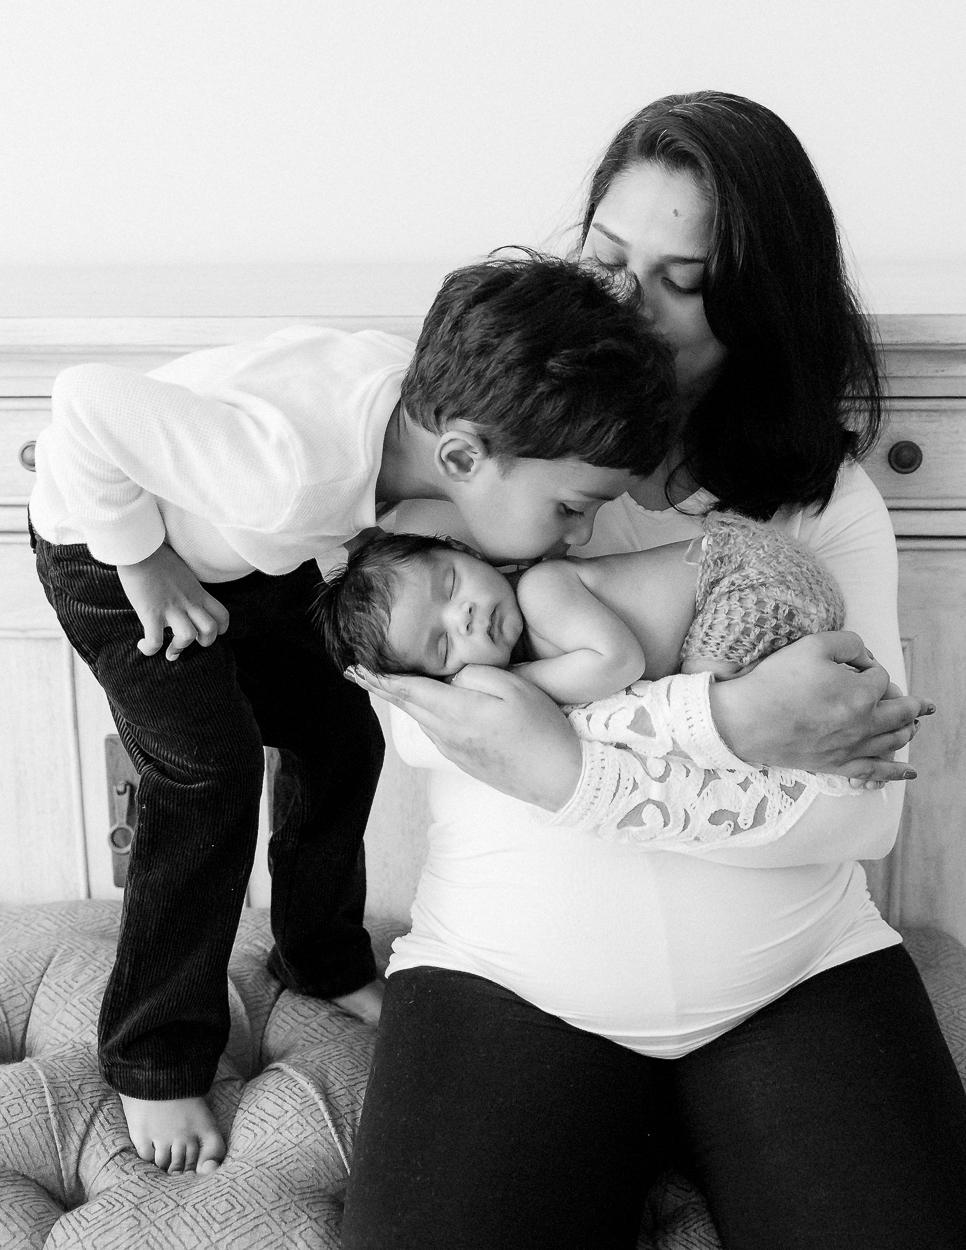 newborn_virginiaphotographer_fredericksburgnewborn_Richmondnewborn_youseephotography_babyboyA (12).JPG